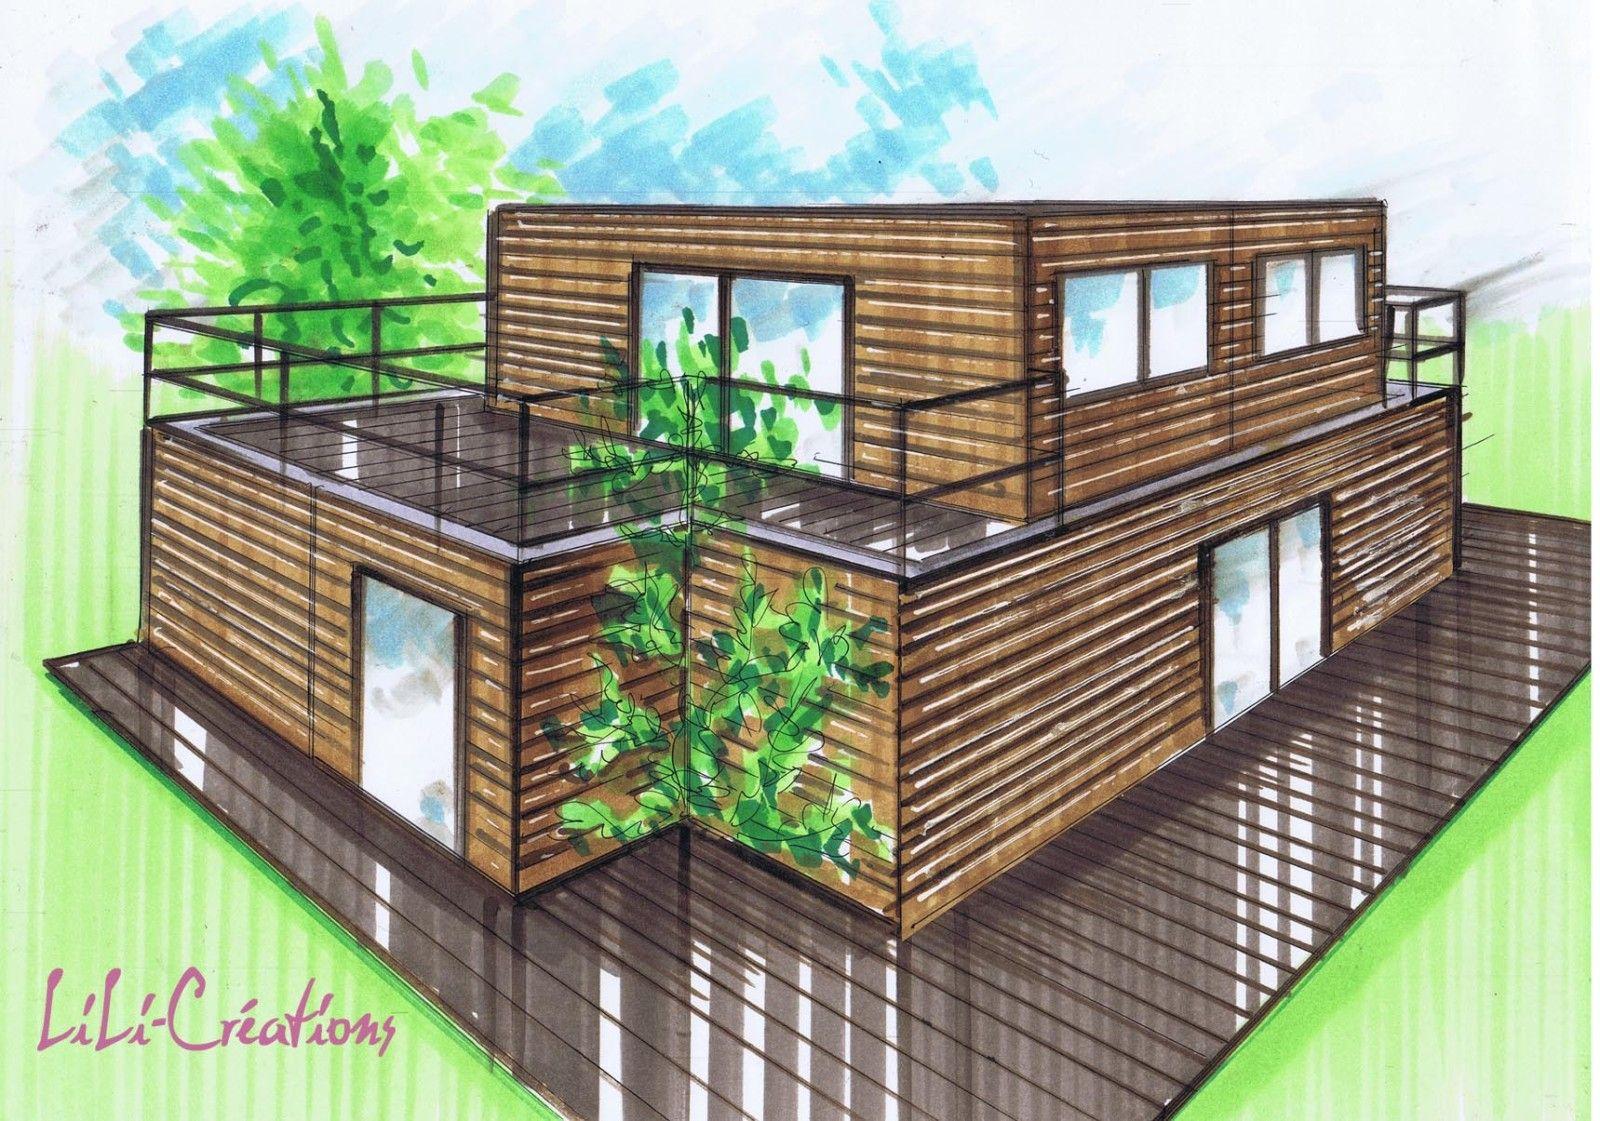 fondations le blog de elise fossoux home container pinterest le blog blog et plante. Black Bedroom Furniture Sets. Home Design Ideas